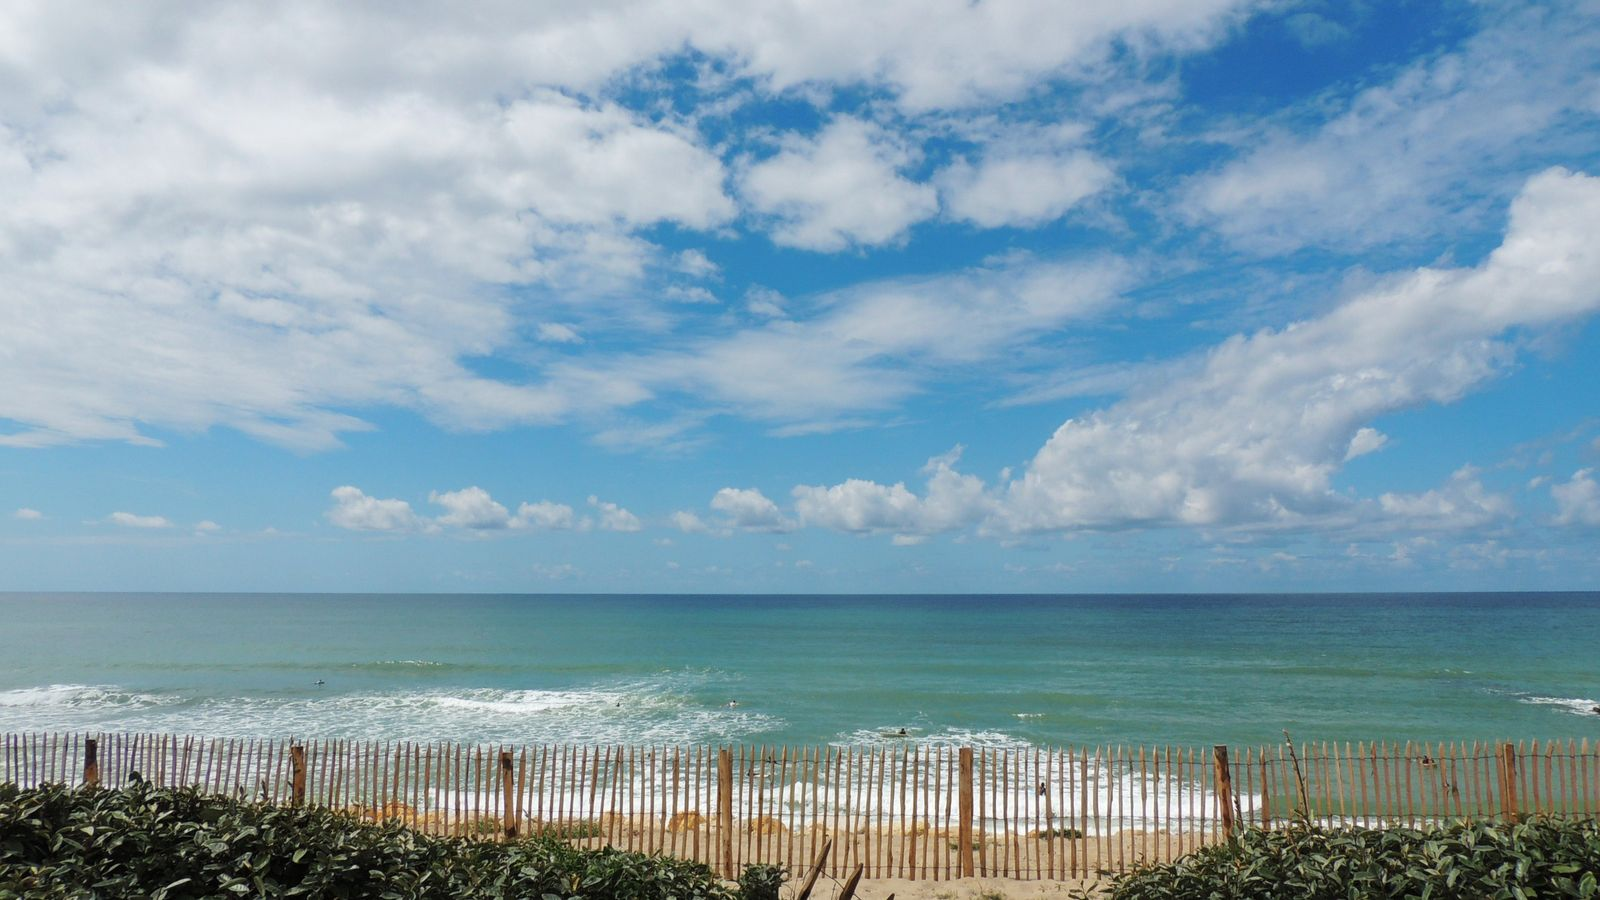 L'océan vu de la plage. La ligne de délimitation entre la terre et la mer recule un peu plus ...